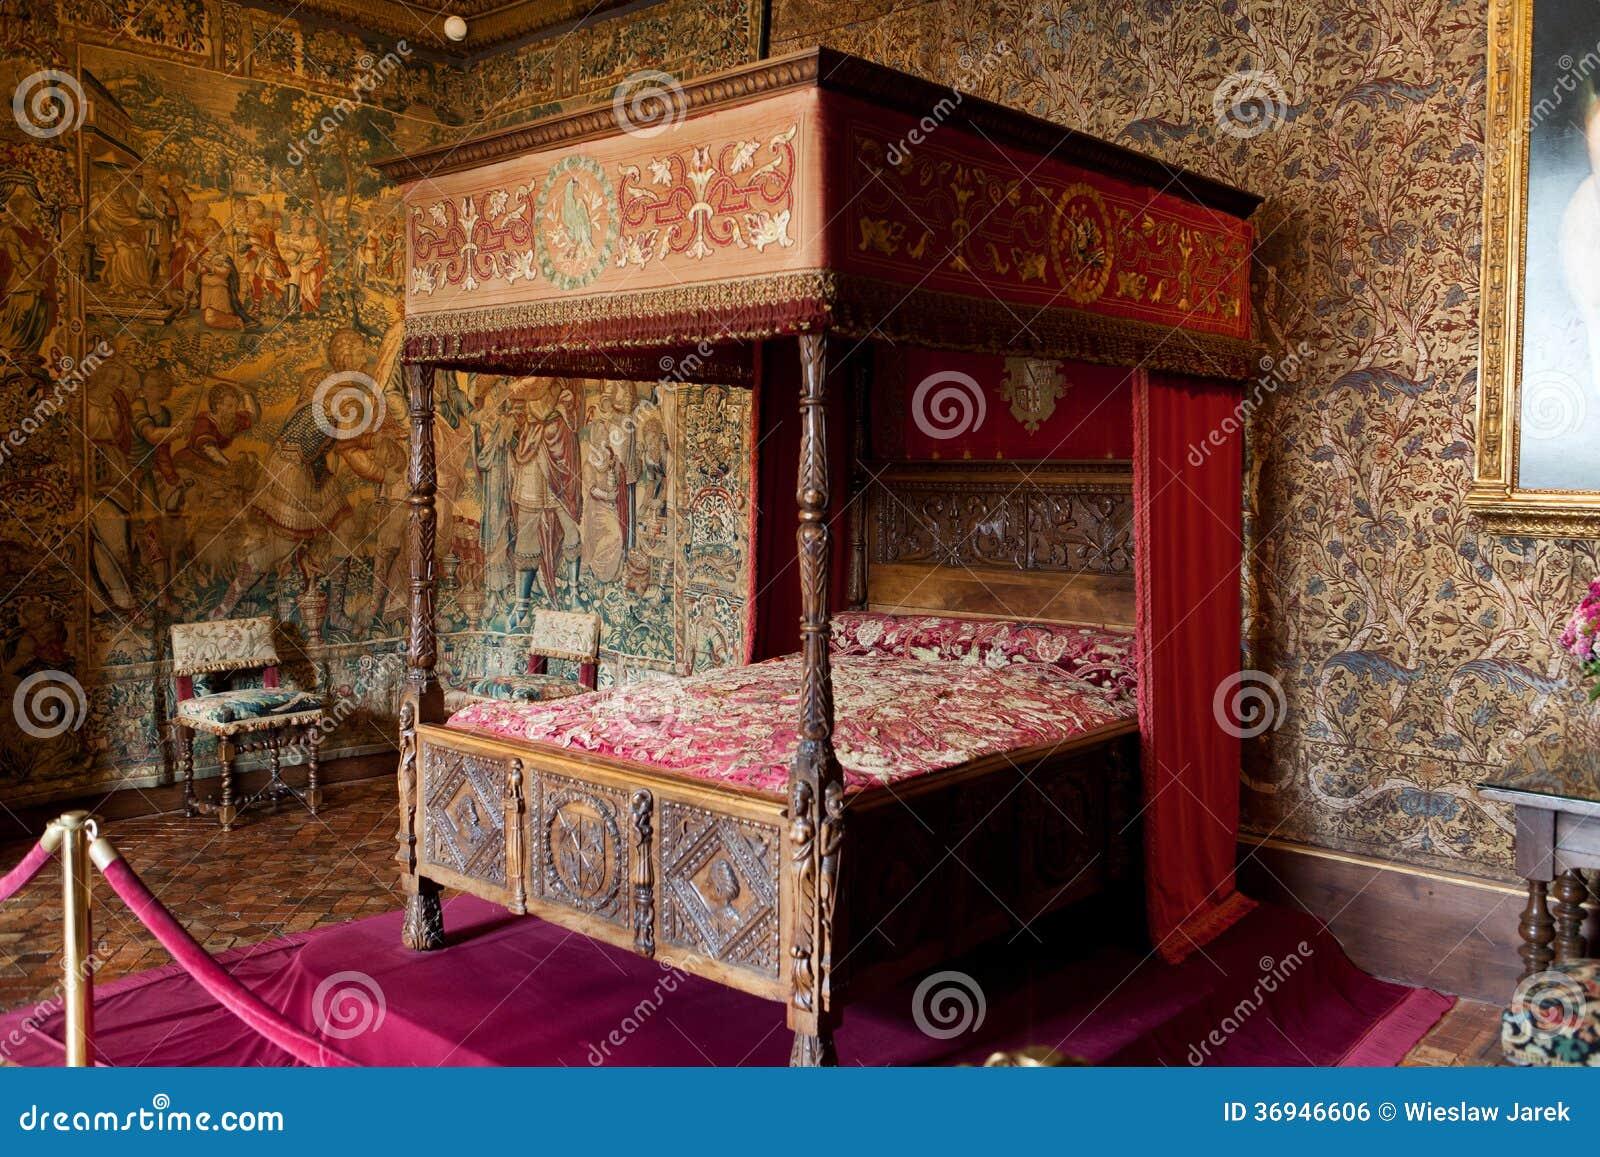 Ch teau d 39 int rieur de chenonceau image libre de droits for Chateau chenonceau interieur